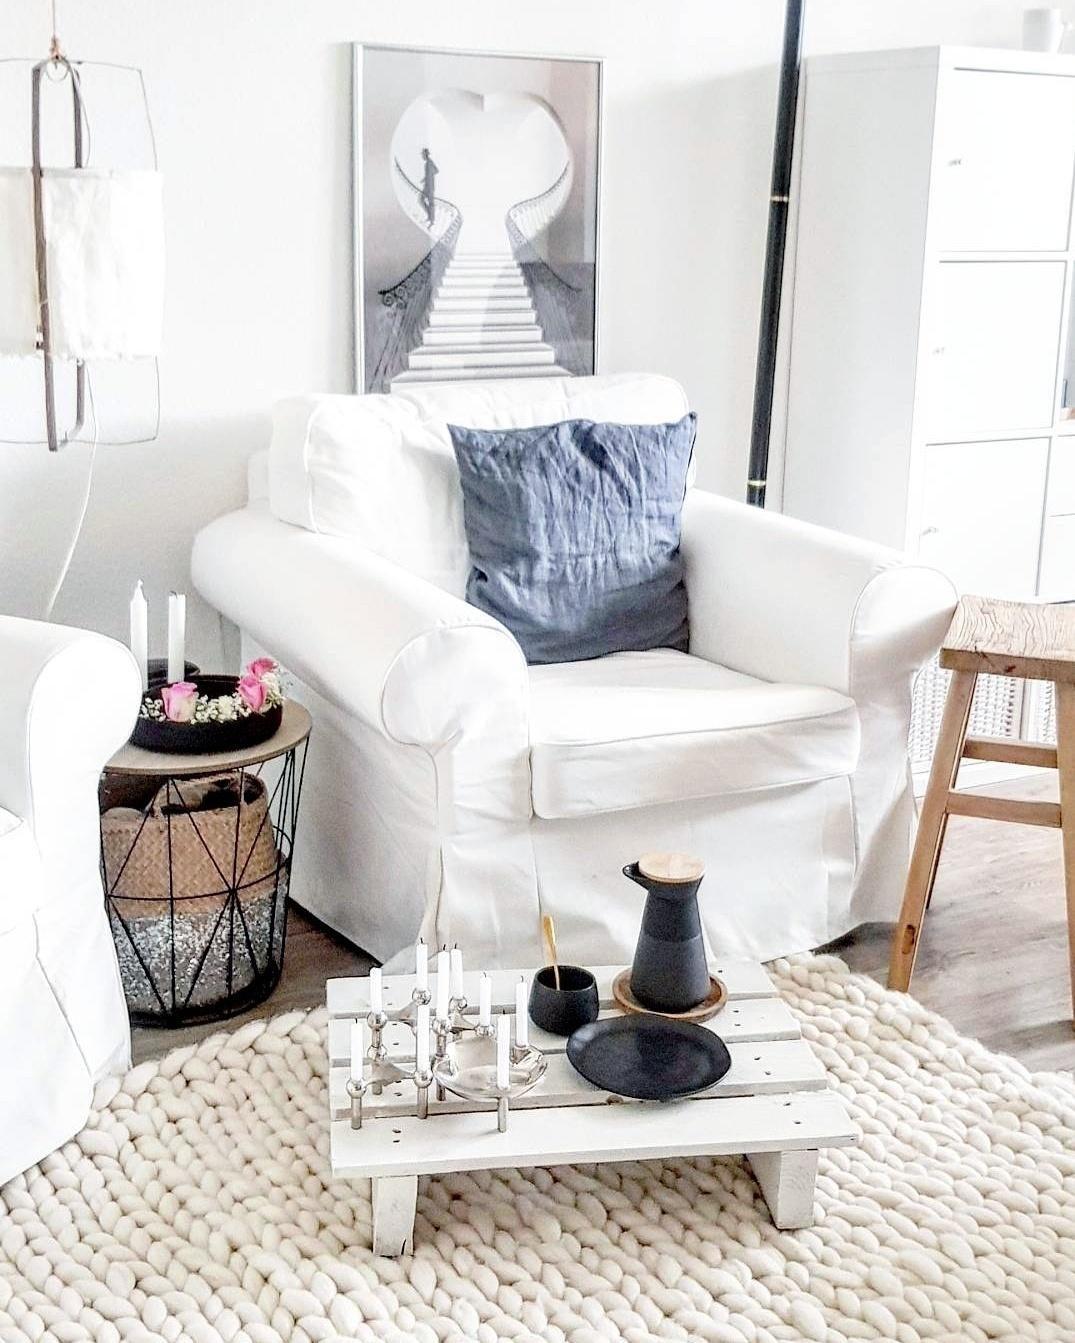 Perfect Kleiner Einblick In Mein Wohnzimmer Mit Vielen DIY Accessoires  #palettentisch#lampe#teppich Sind Home Design Ideas